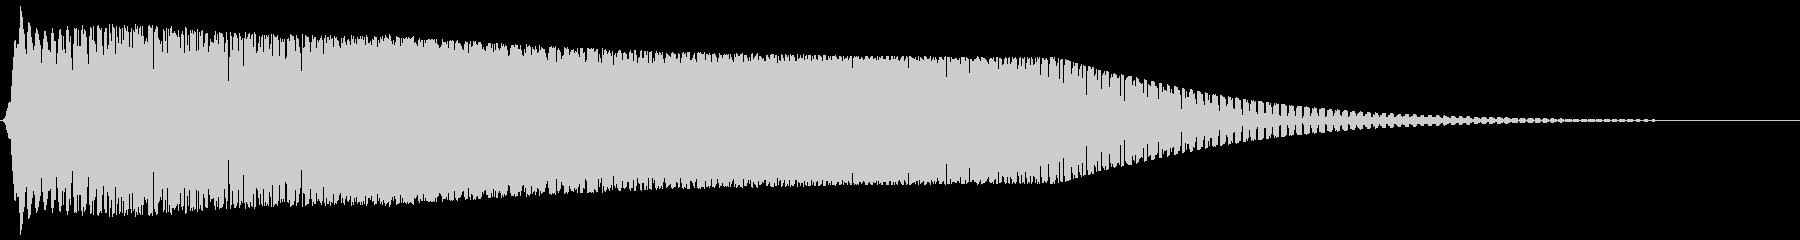 レトロゲーム風サウンドロゴ(ギュワーン)の未再生の波形